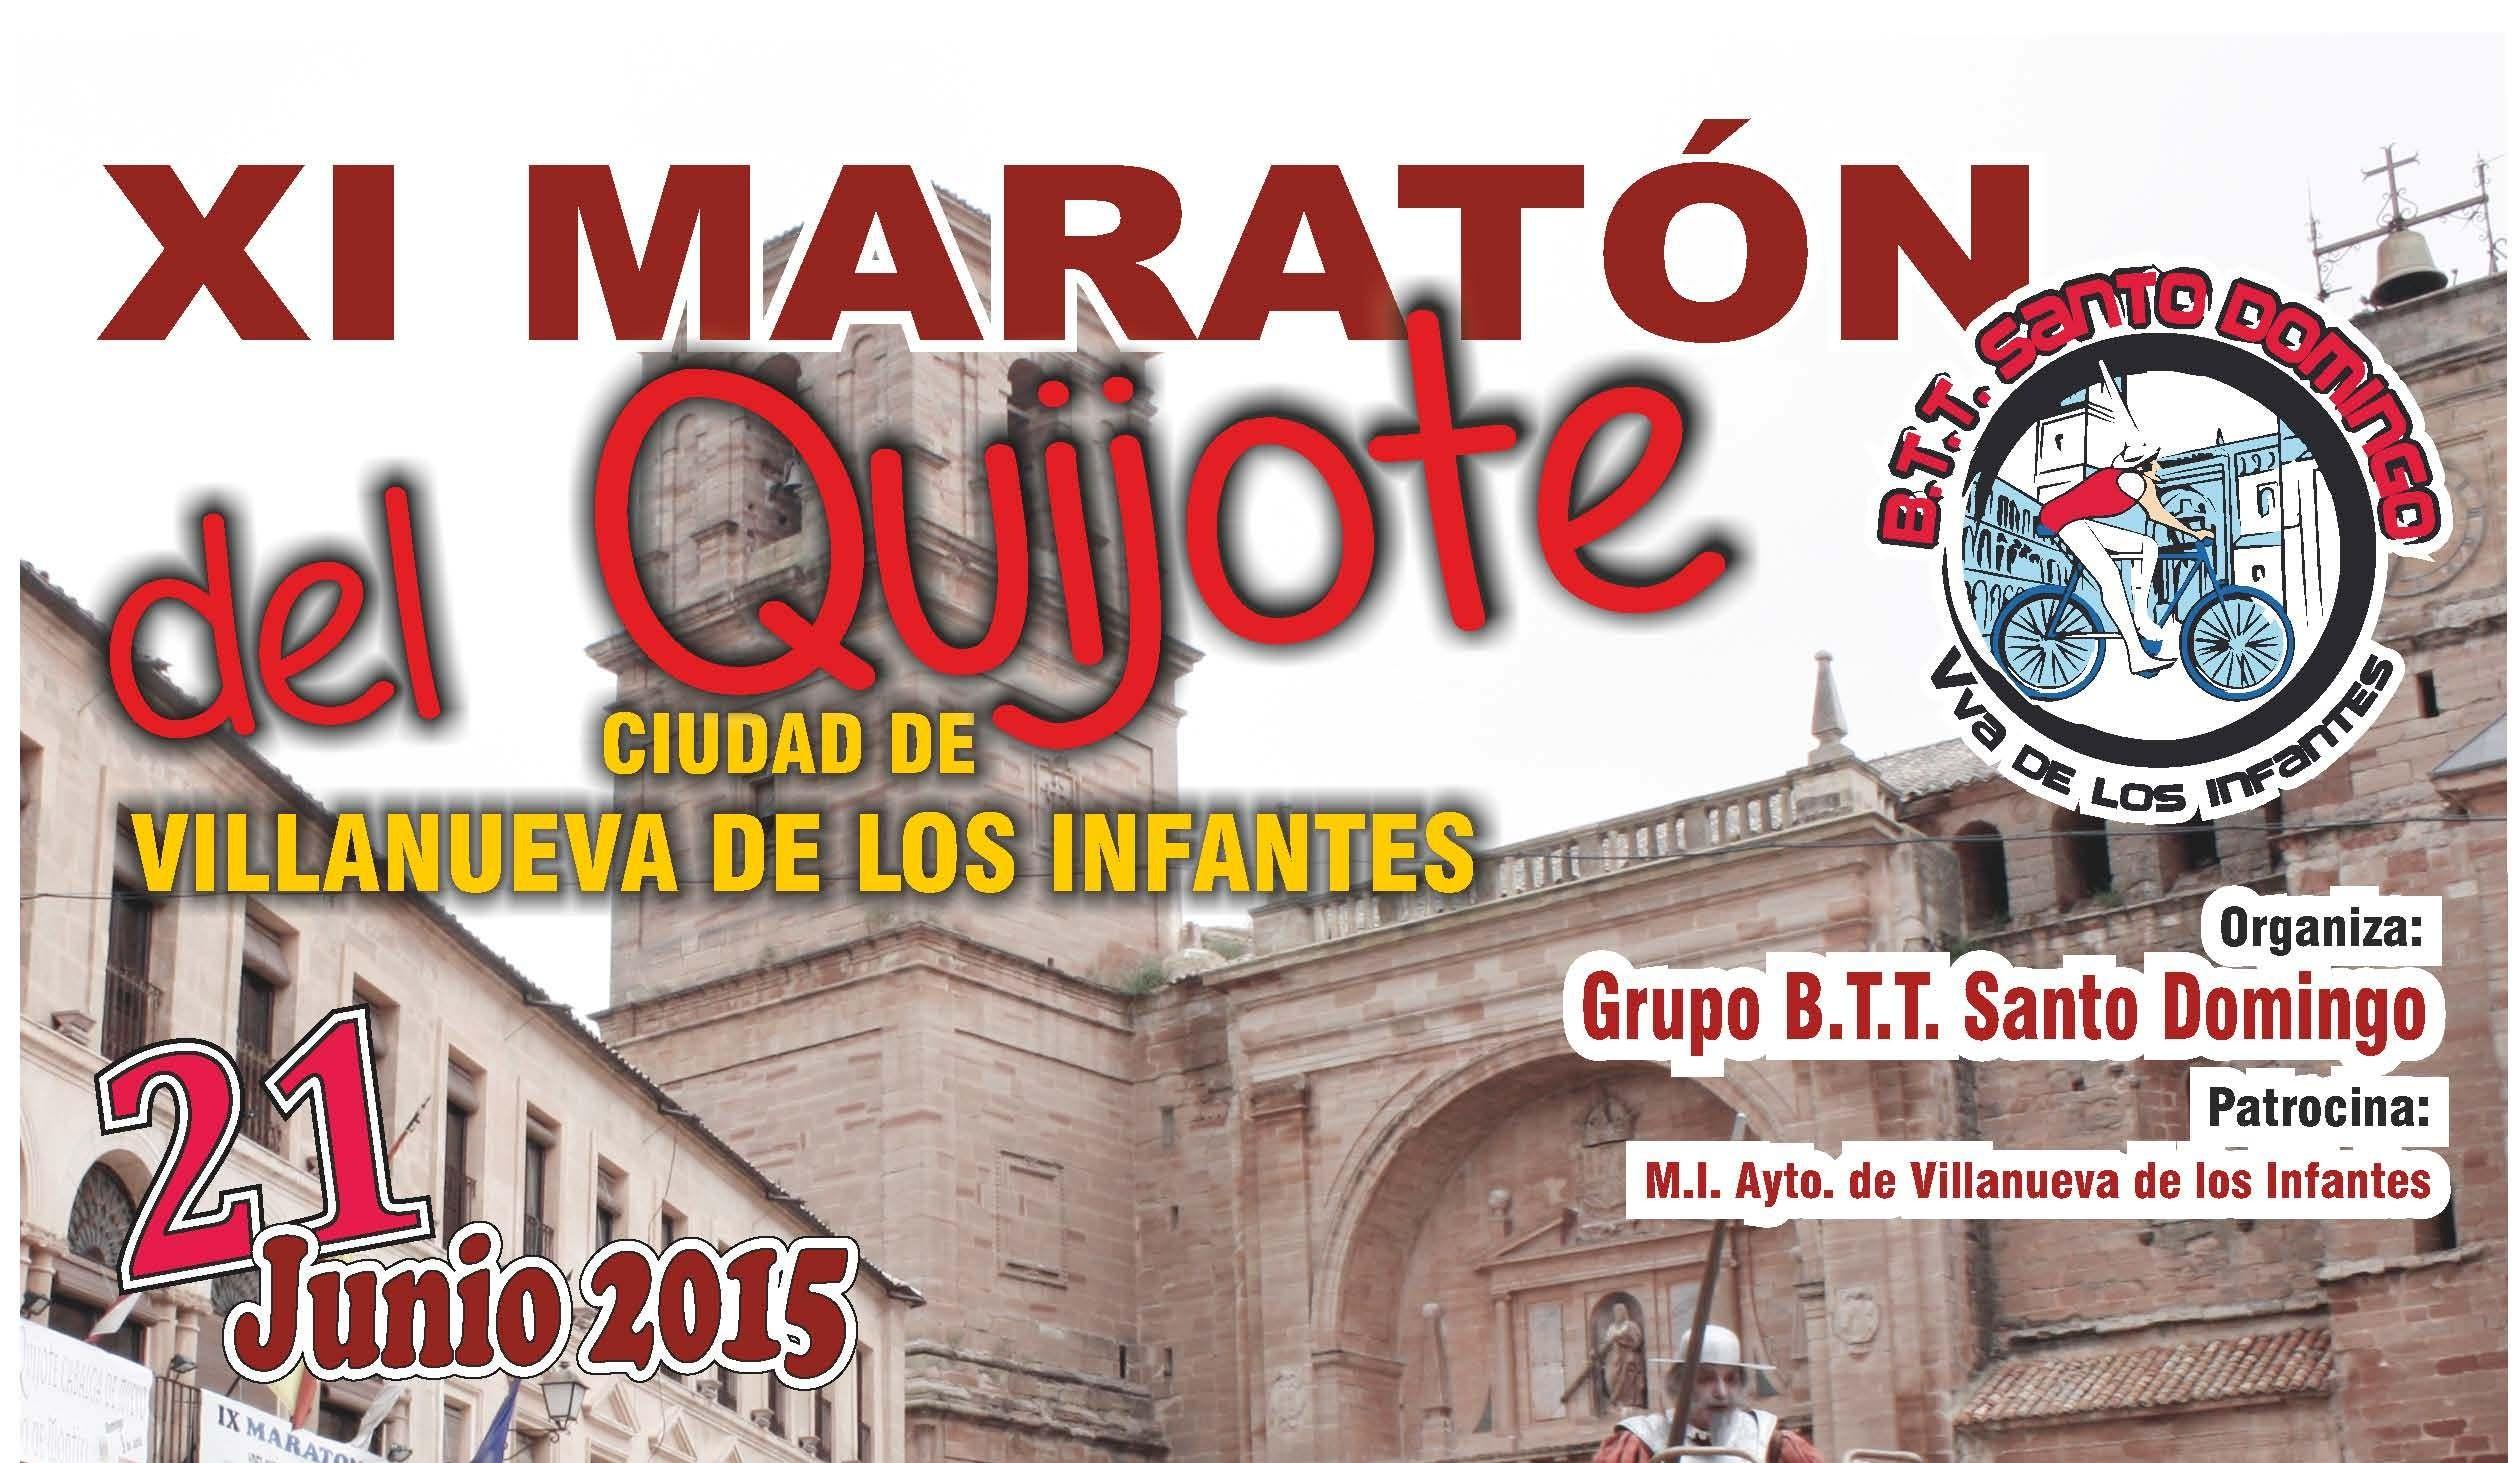 El Club Ciclista BTT Santo Domingo organiza el XI Maratón del Quijote Ciudad de Villanueva de los Infantes